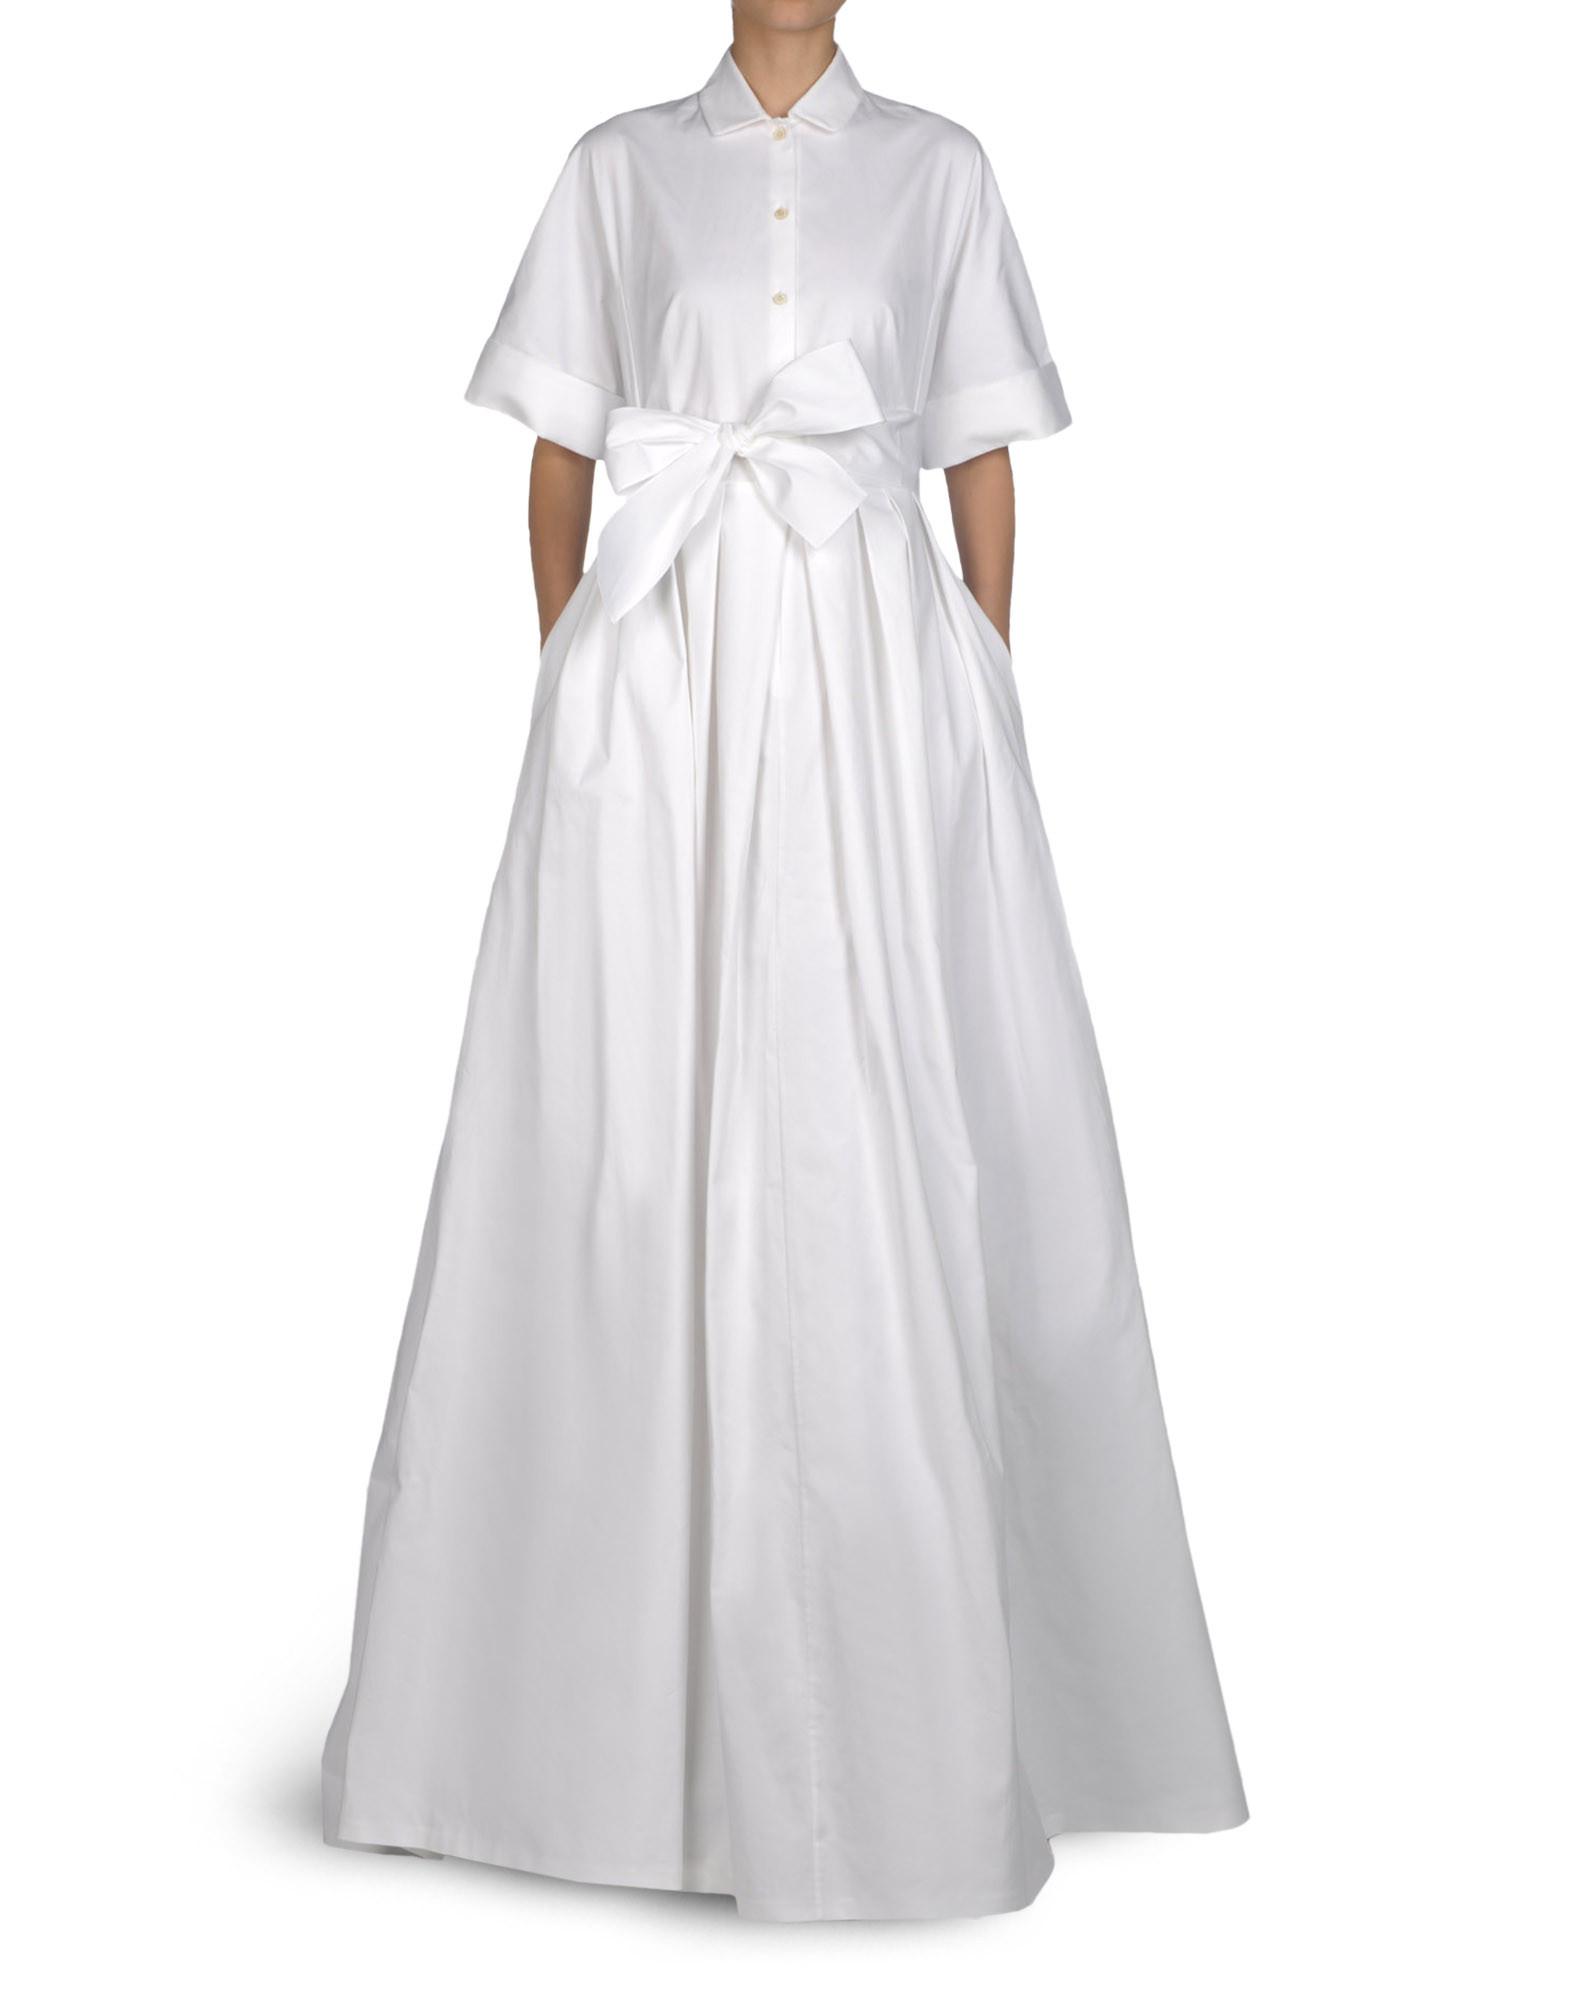 Kleid Für Sie - Kleider Für Sie auf Jil Sander Online Store